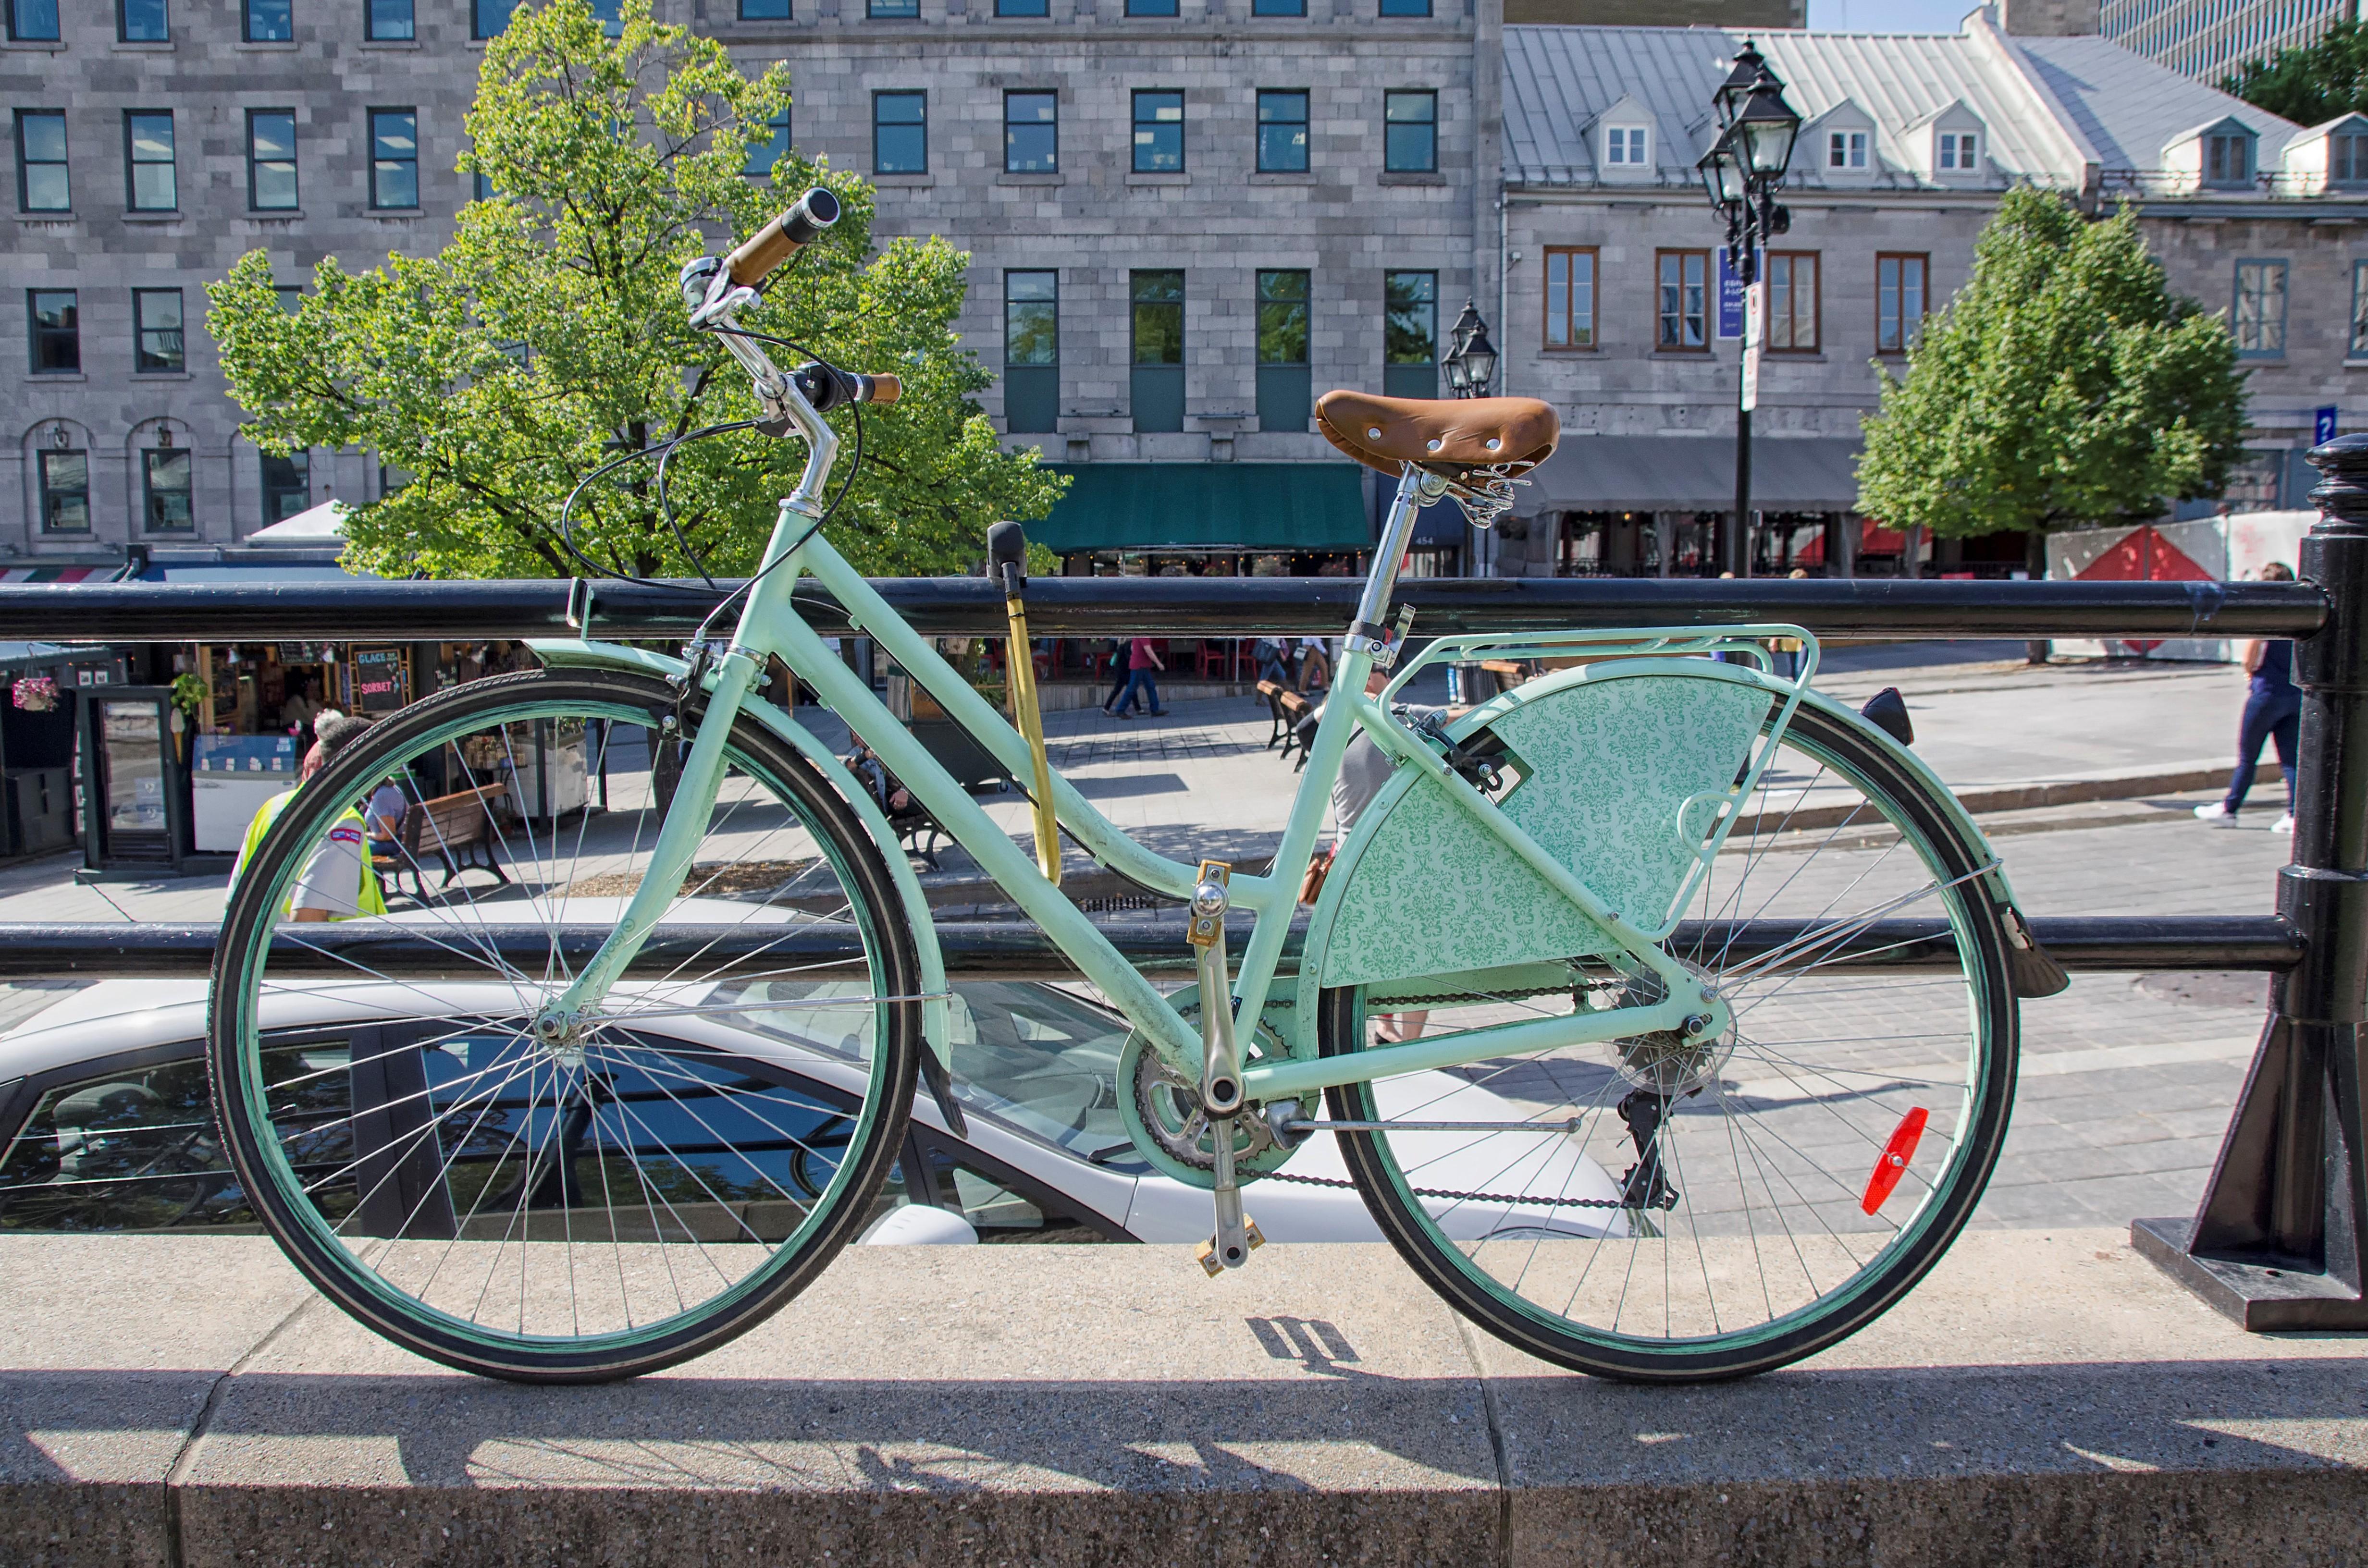 Entfernungsmesser Fahrrad : Wickeln sie ihr fahrrad in reflektierende tuch gunook